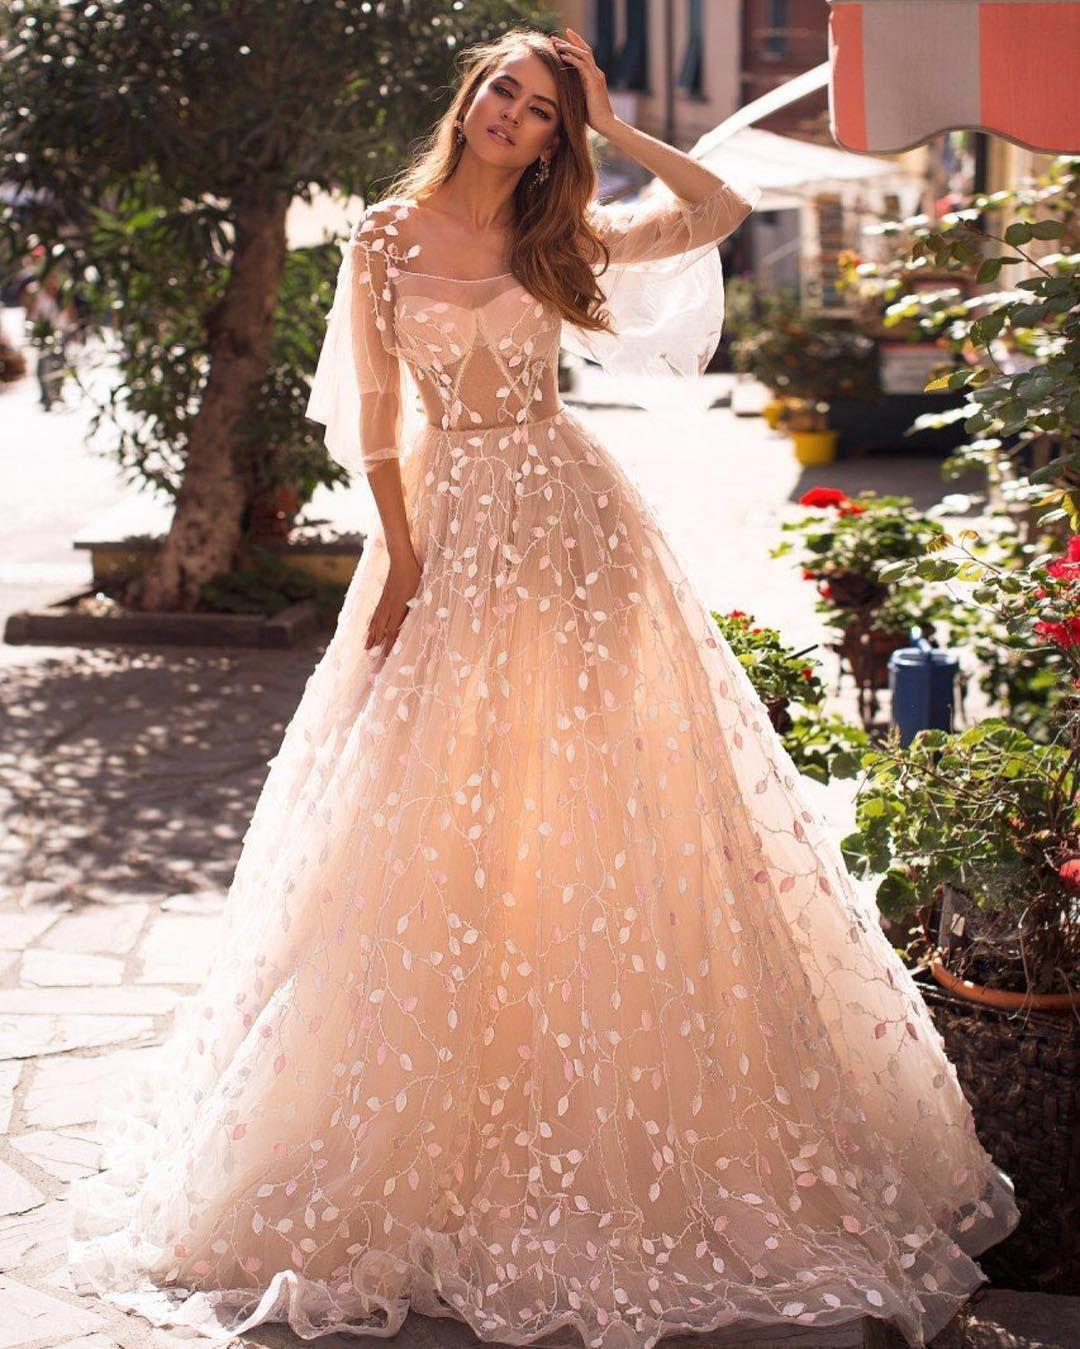 16 Unique Ideas About Nontraditional Wedding Dress